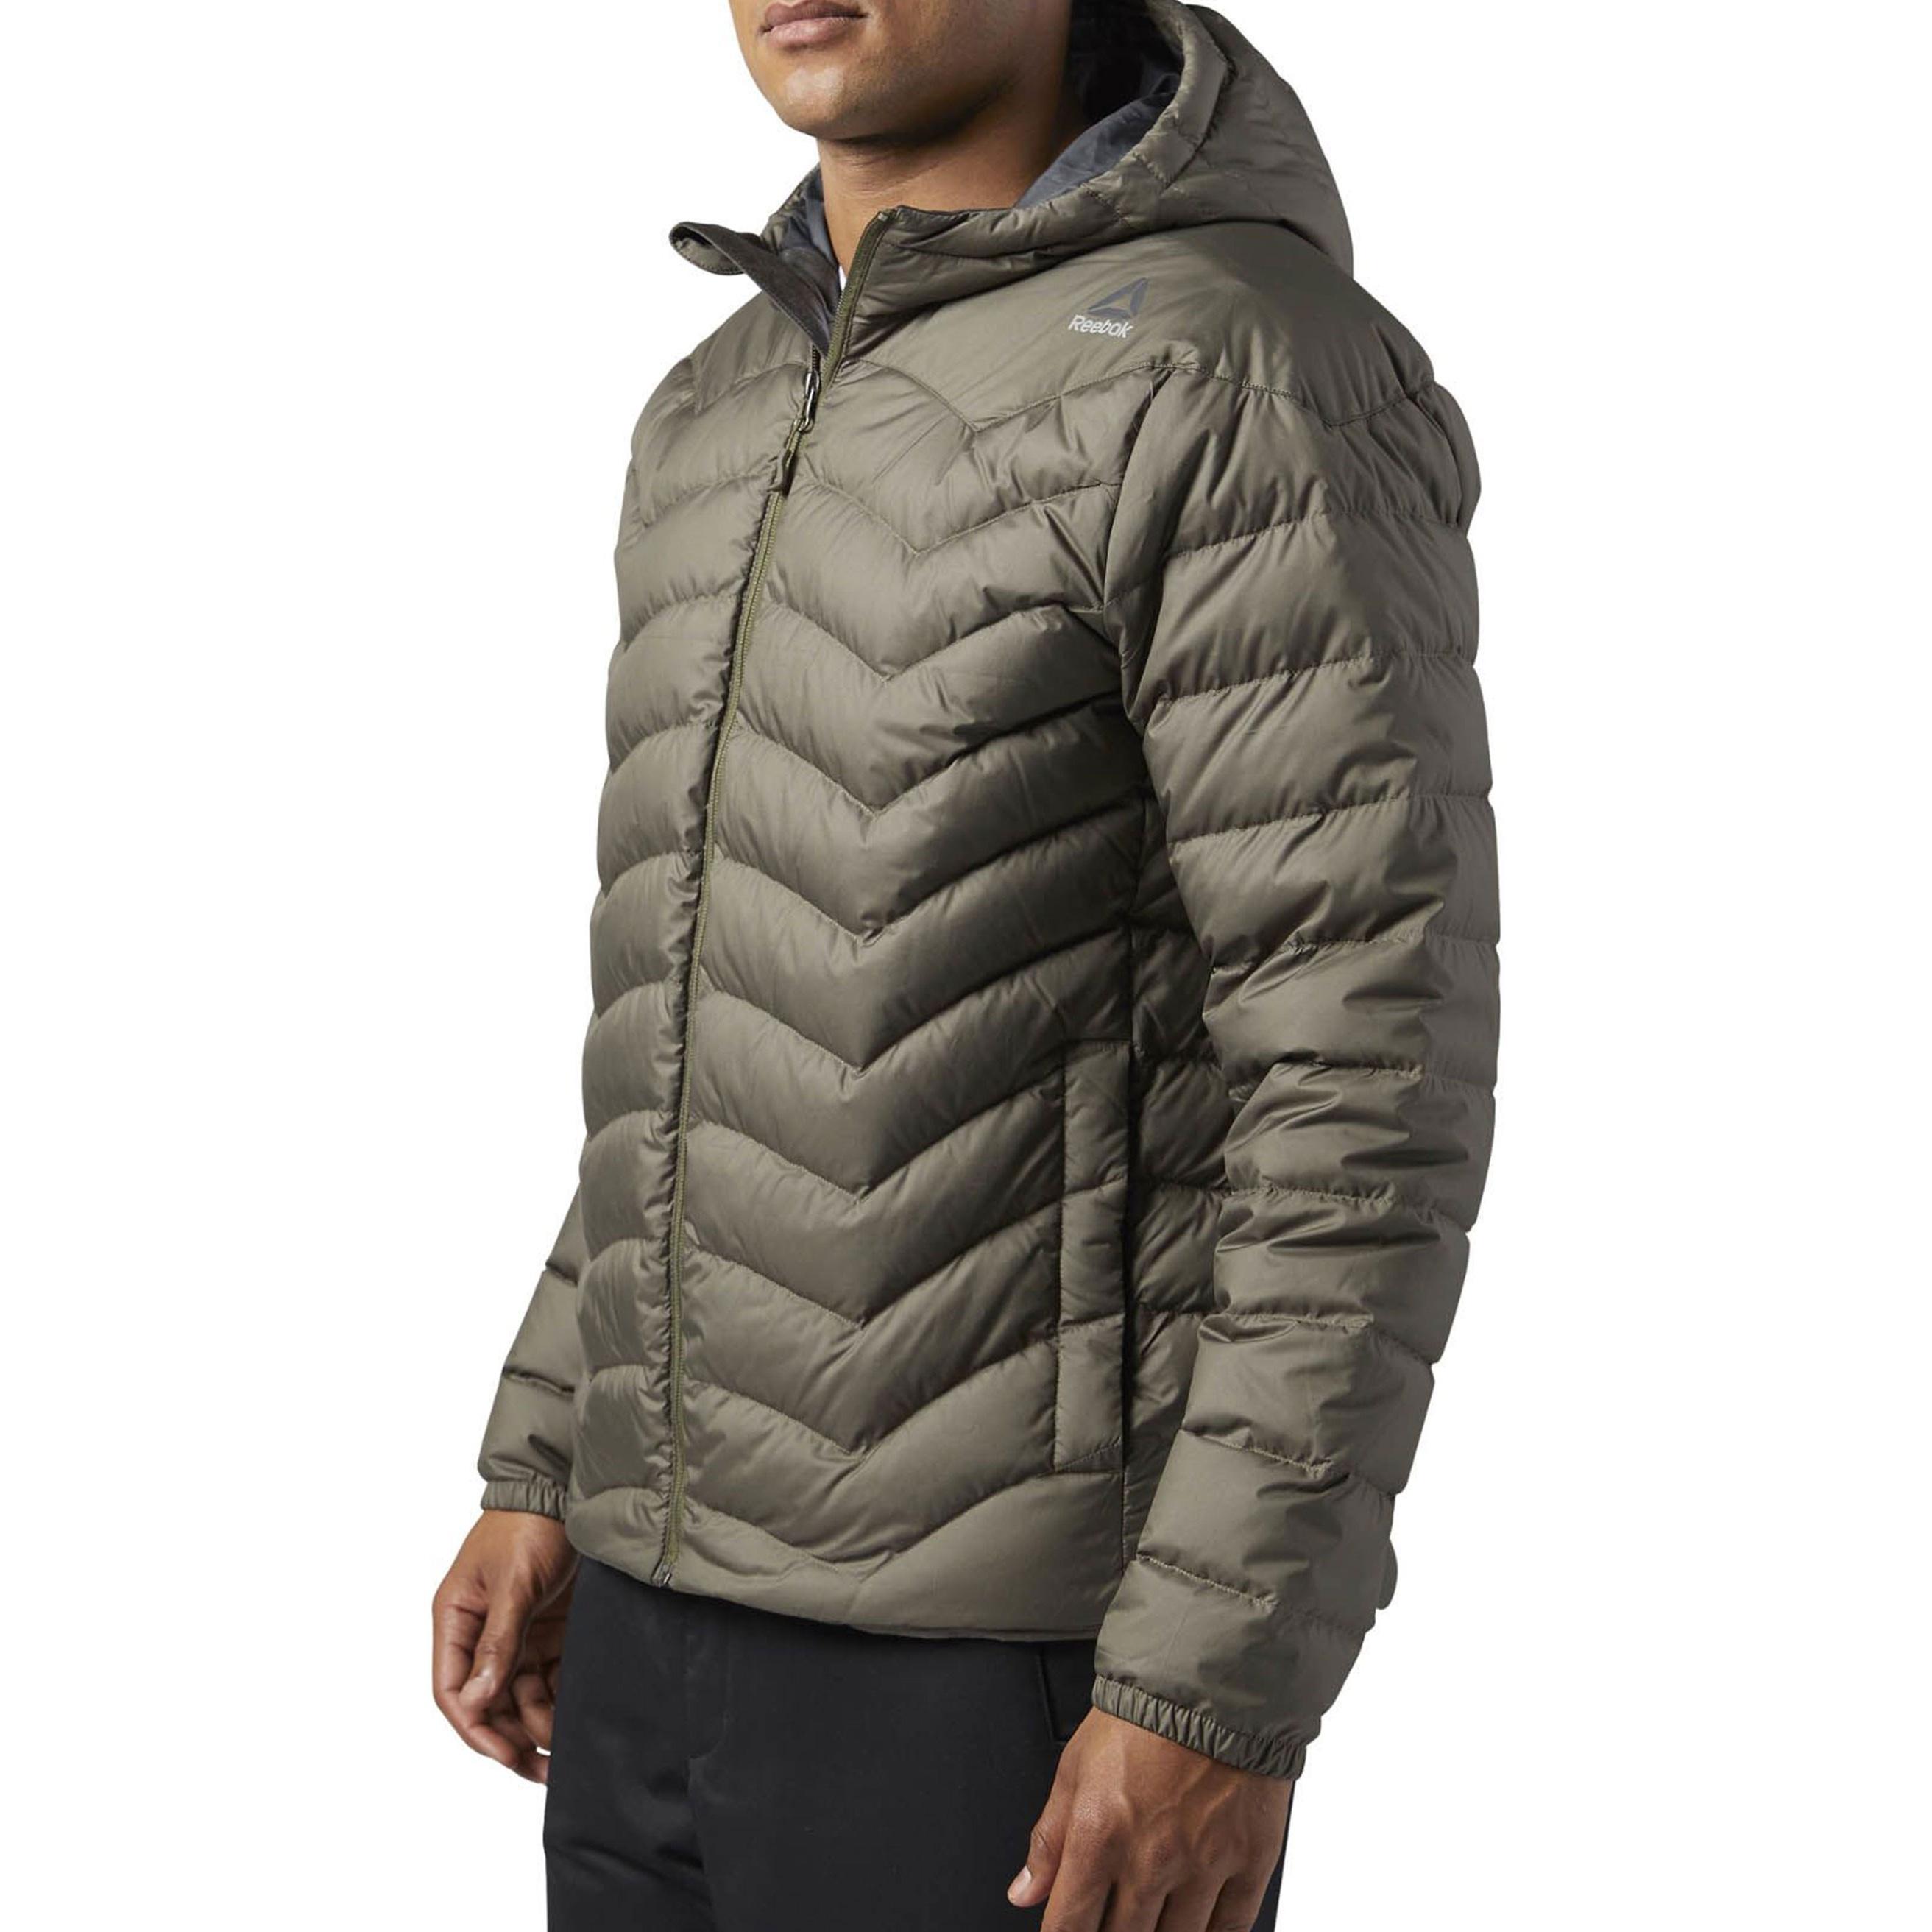 کاپشن کوتاه مردانه Down Jacket - ریباک - زيتوني قهوه اي - 4